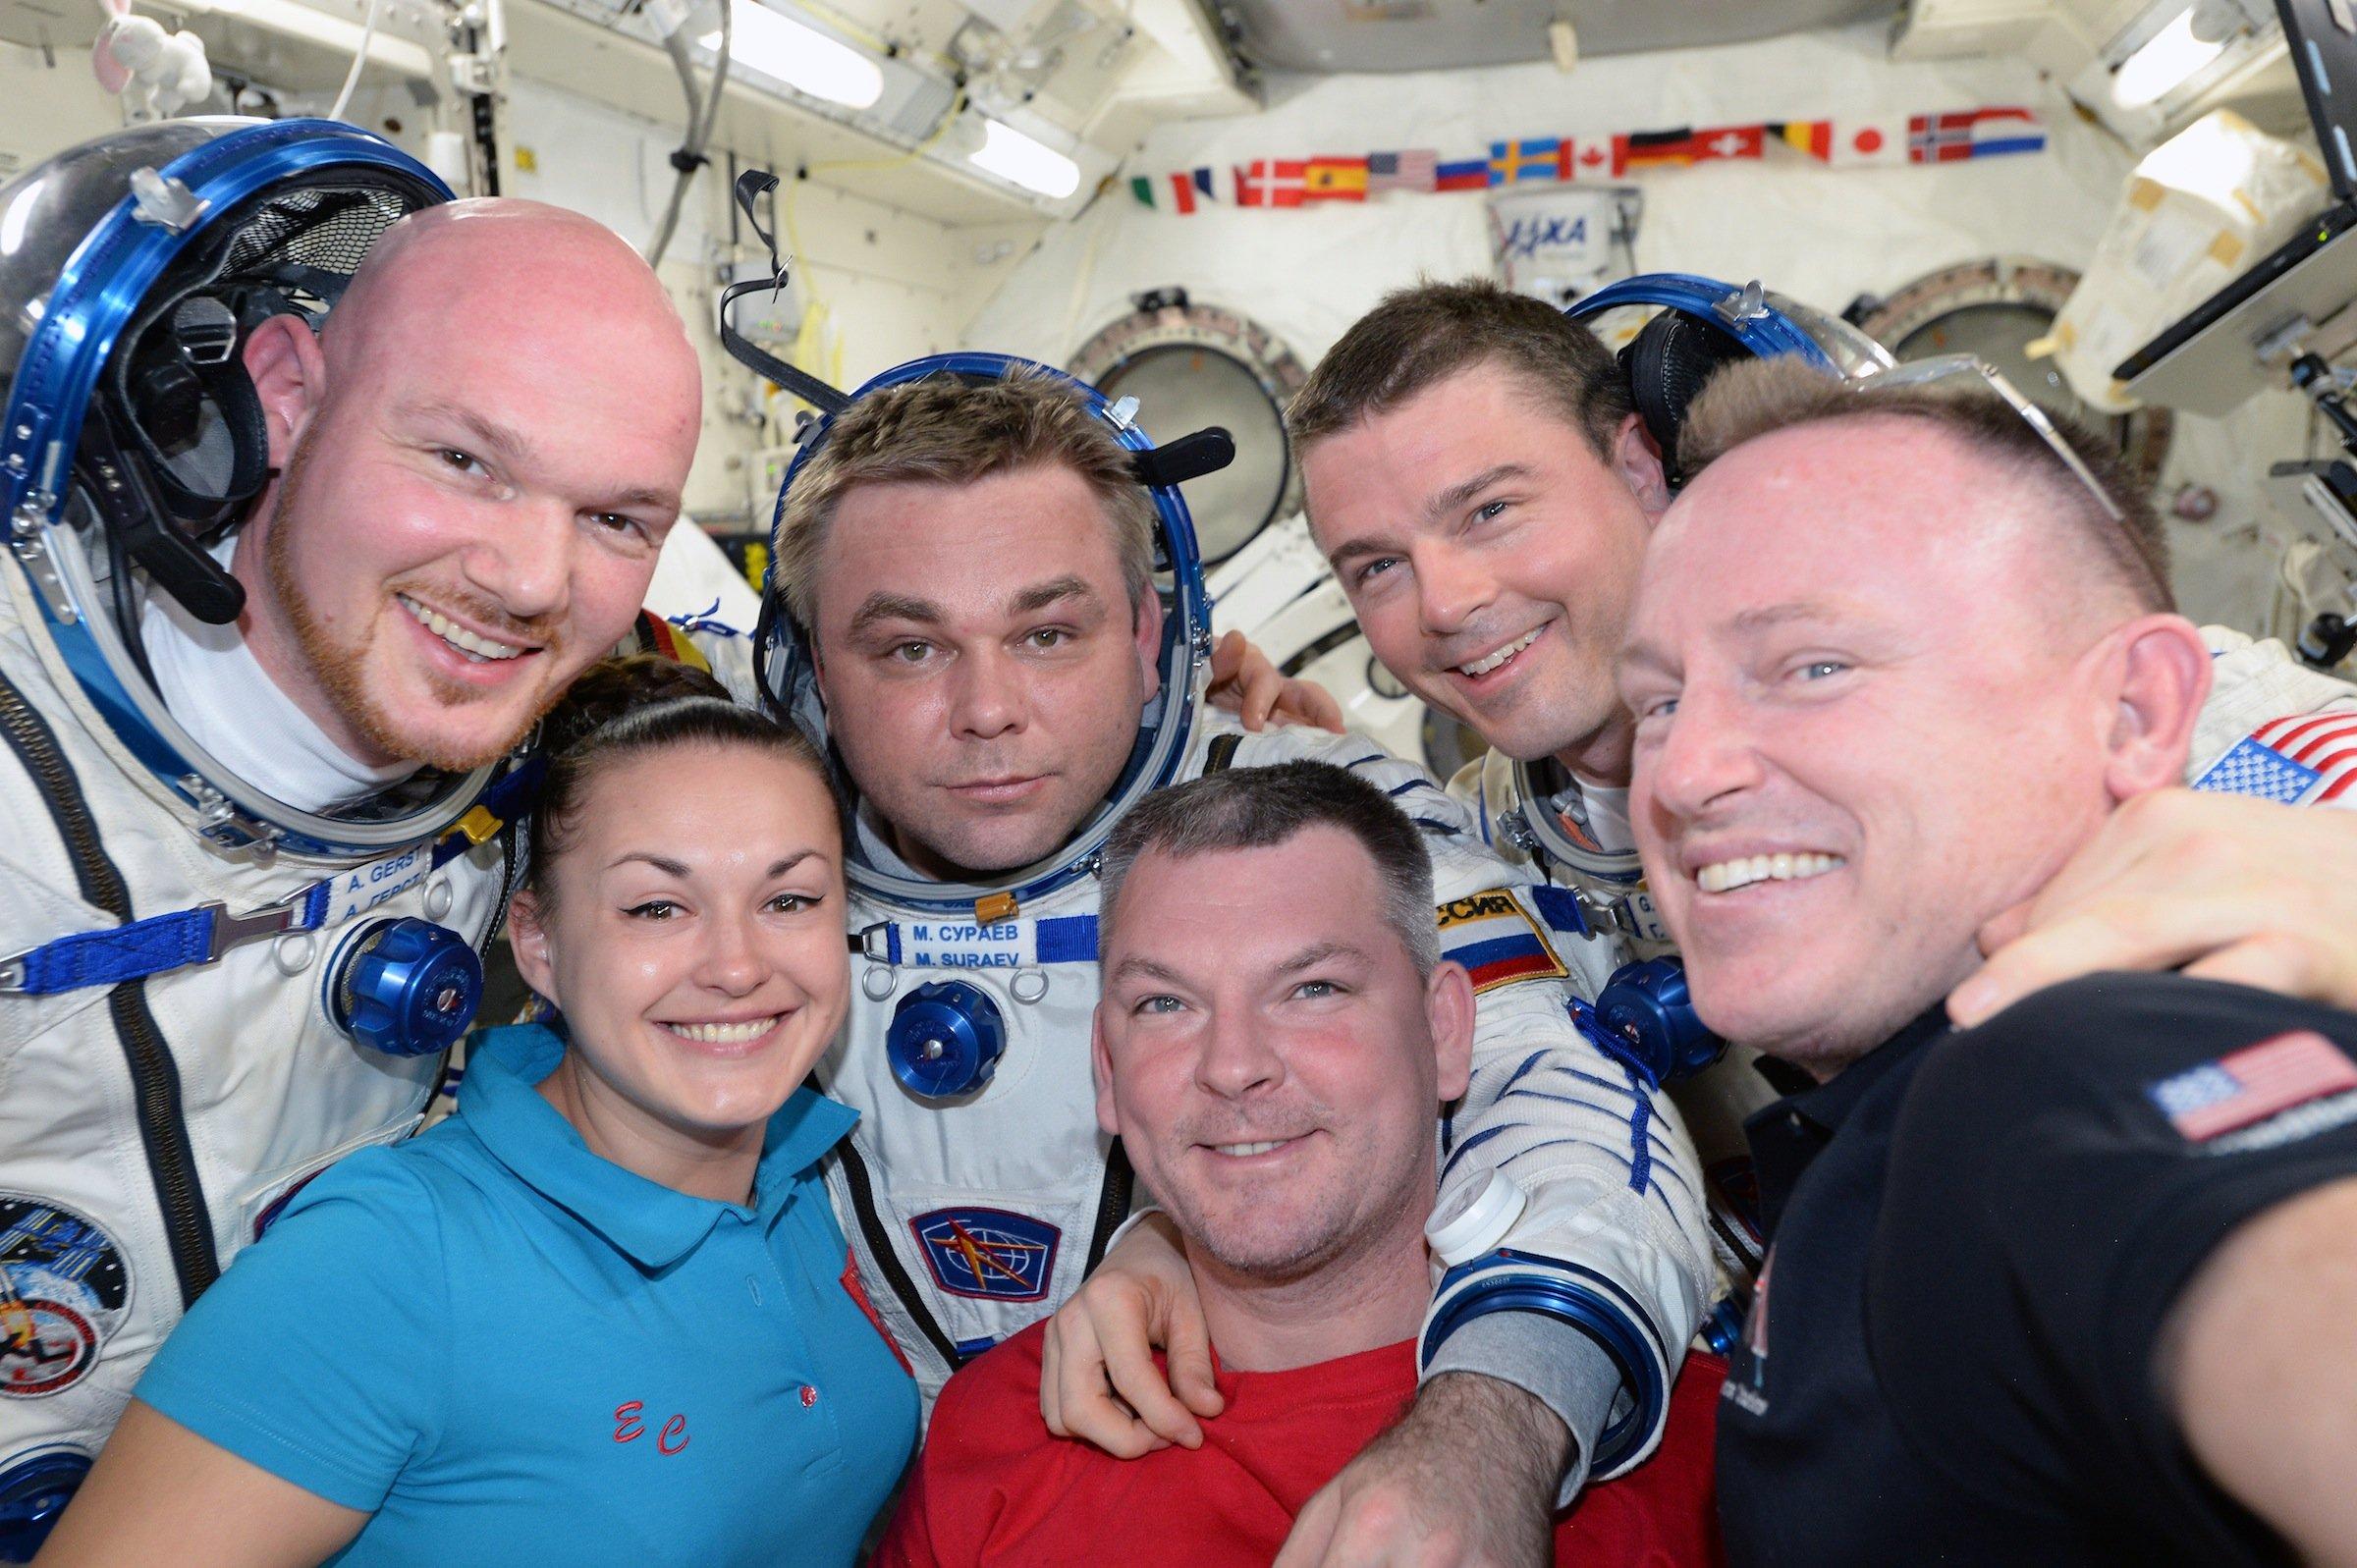 Gruppenbild mit Dame: Die sechs Astronauten auf der ISS schießen zum Abschied ein gemeinsames Selfie.